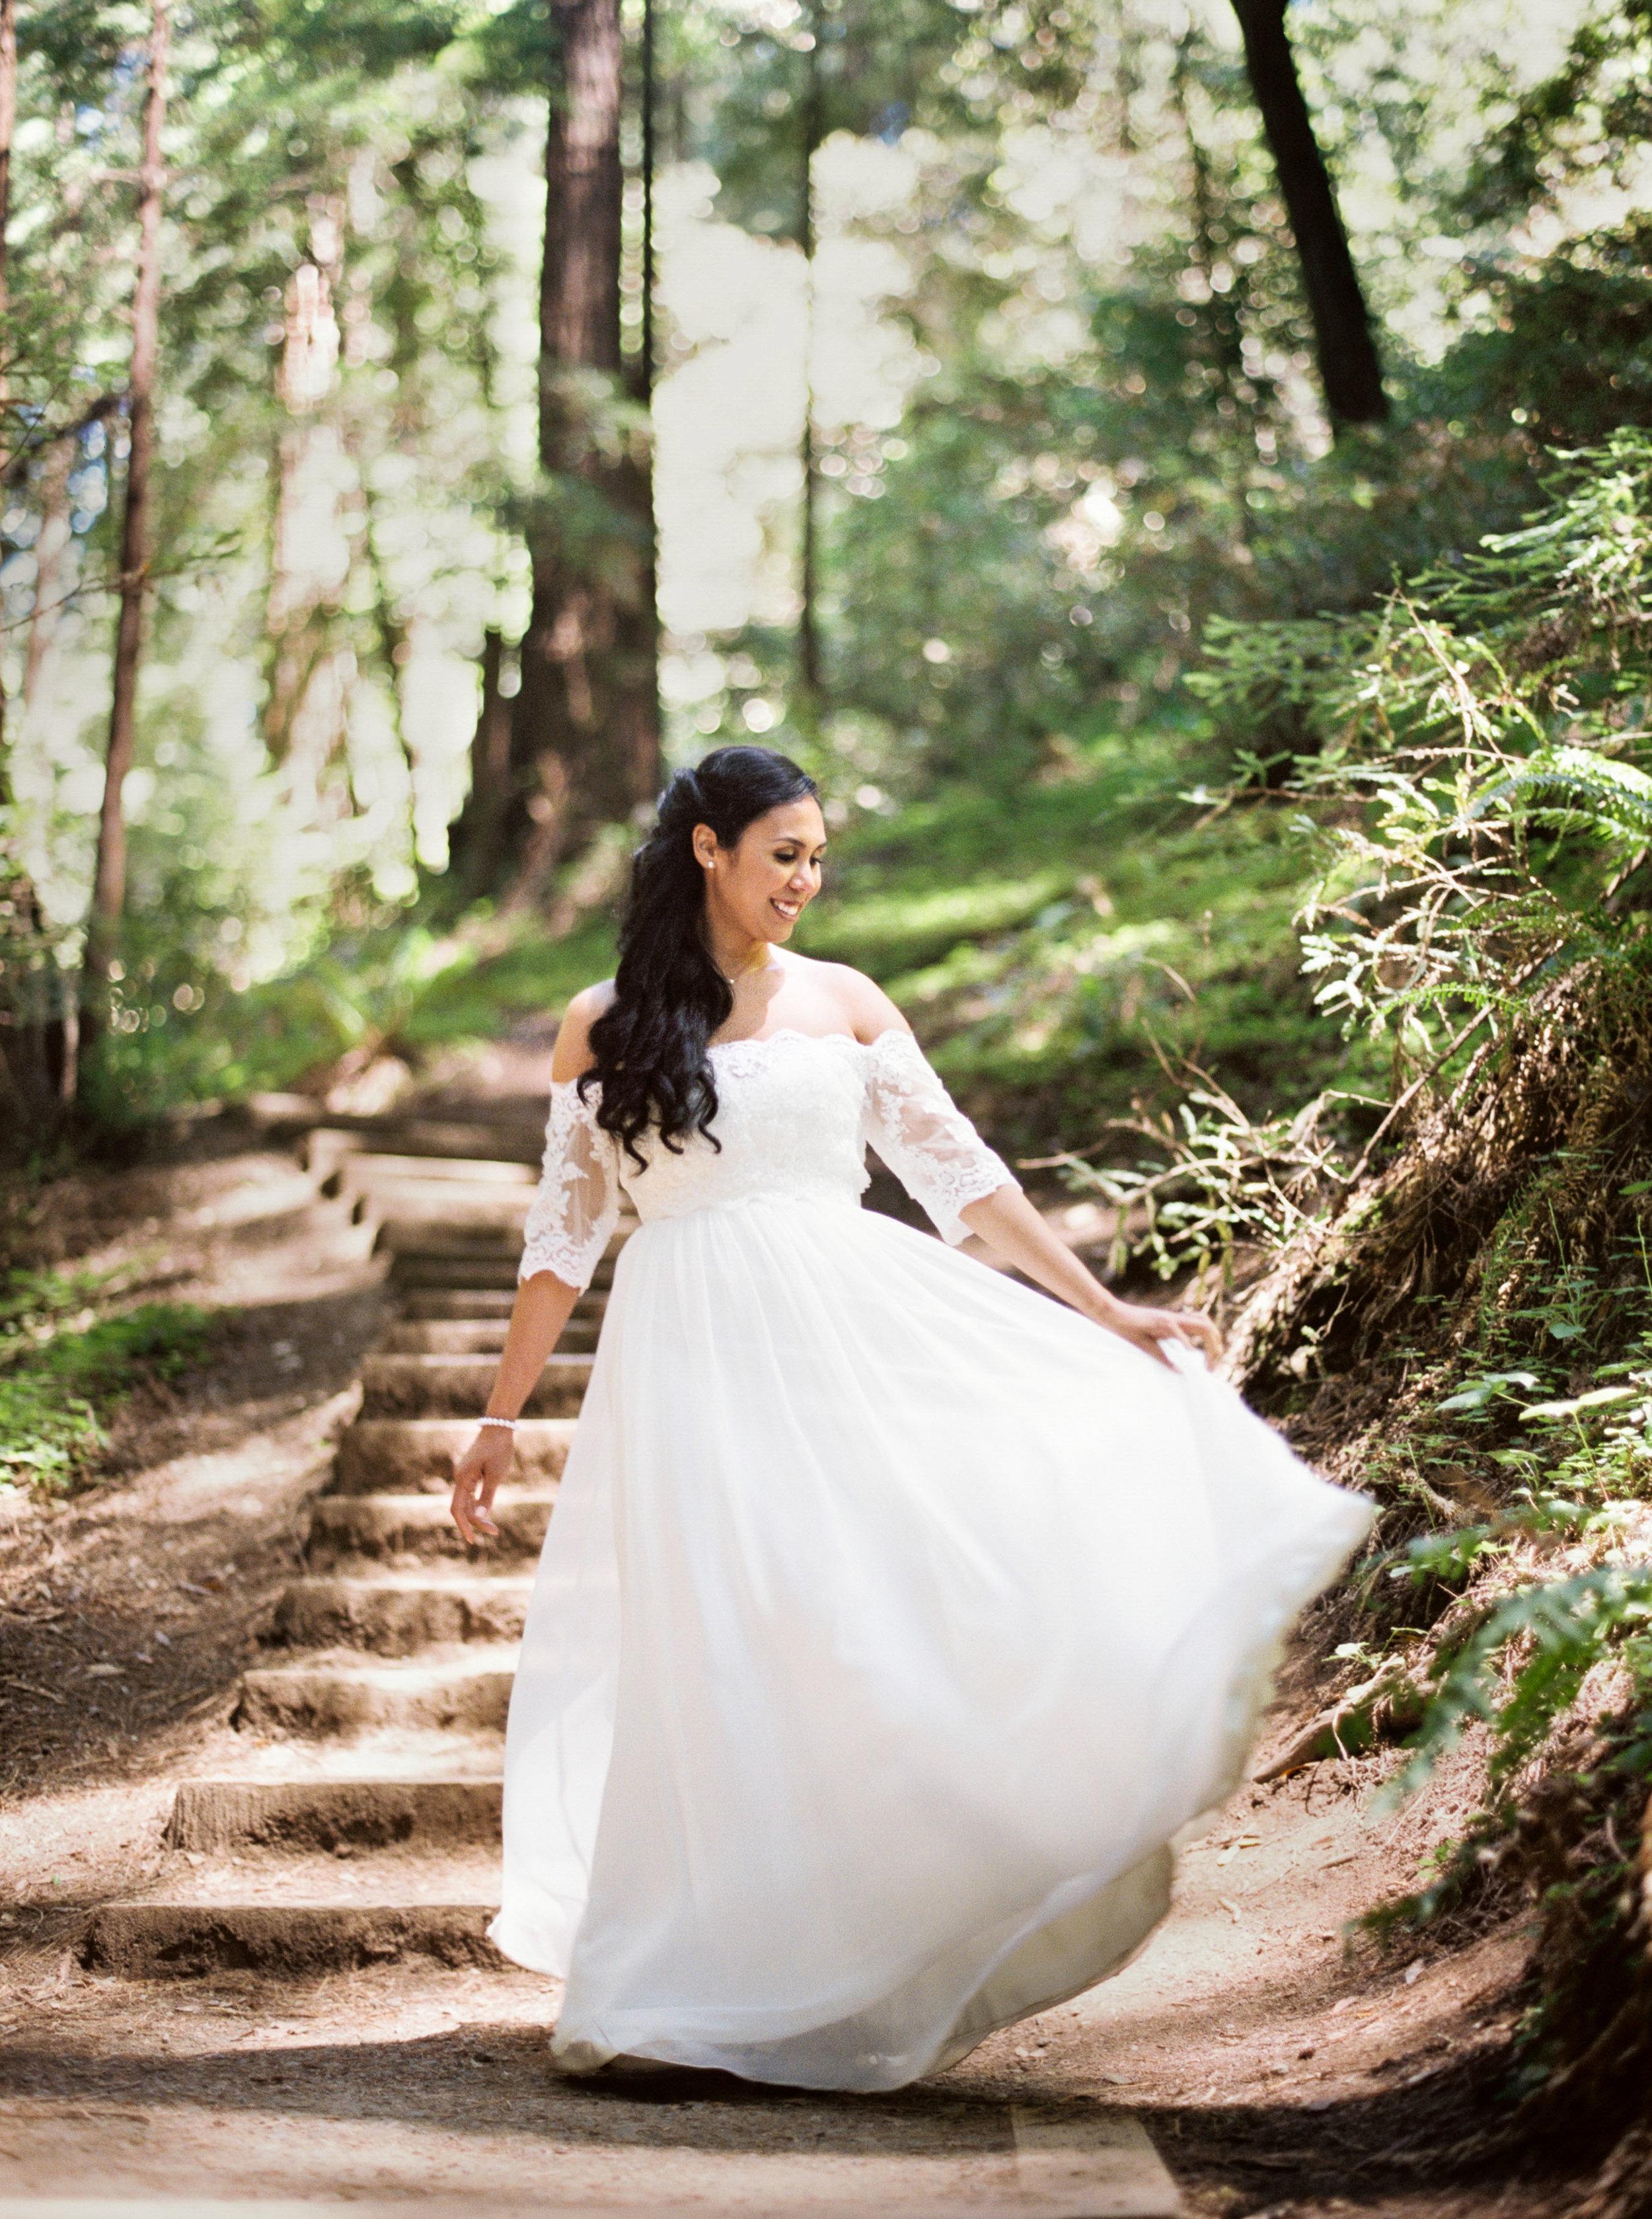 013_Krysten-Crebin-Muir-Woods-Elopement-Wedding-Photographer.jpg